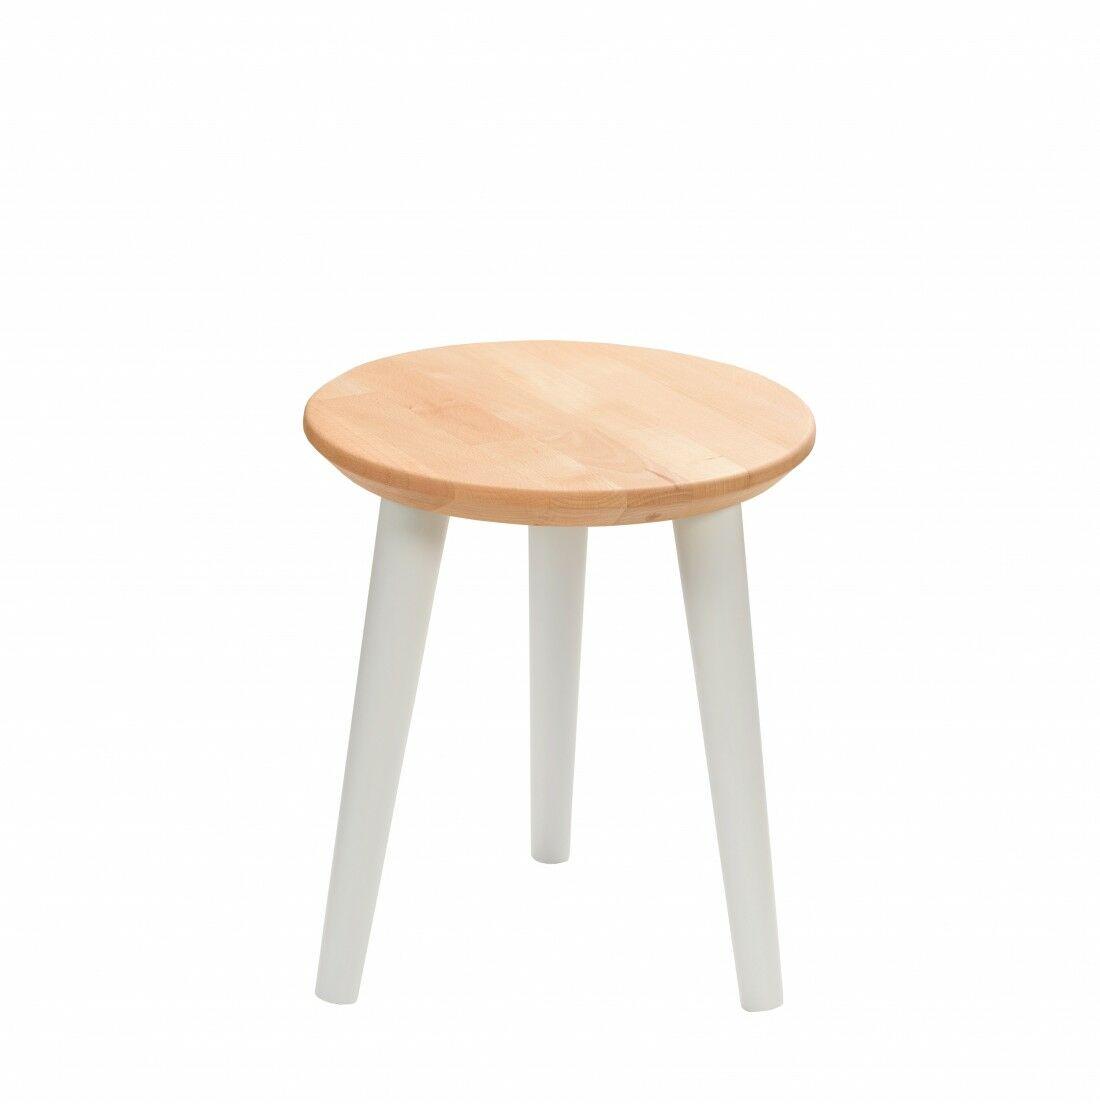 Taboret drewniany okrągły z litego buka Olejowany buk - Natural, Wykończenie nogi - Szary, Wysokość - 340, Wymiar siedziska (Średnica) - 300